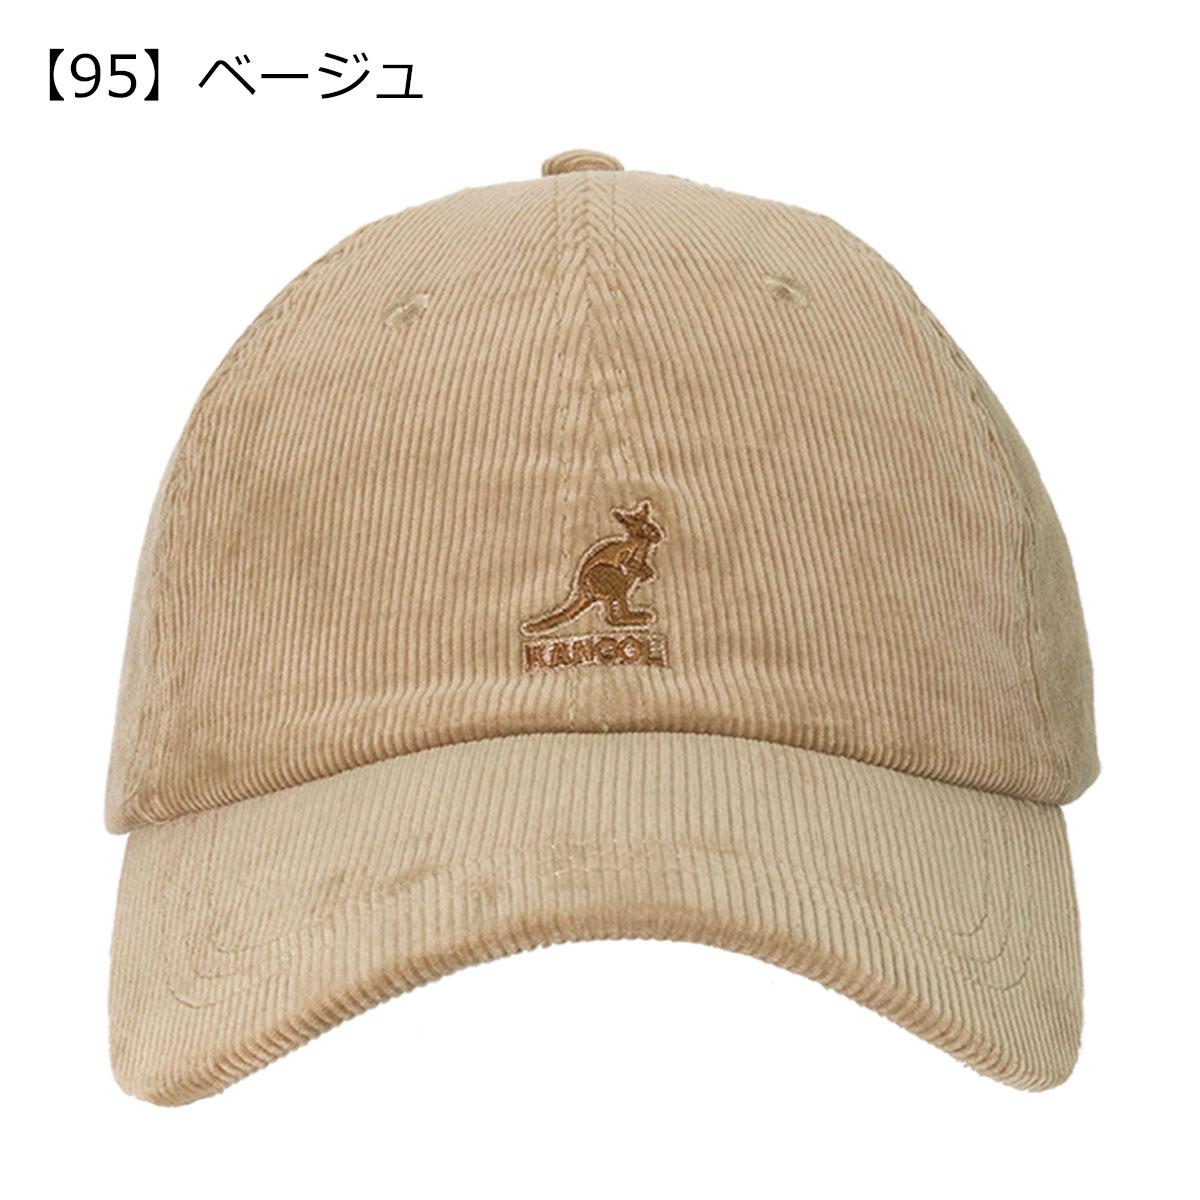 【95】ベージュ